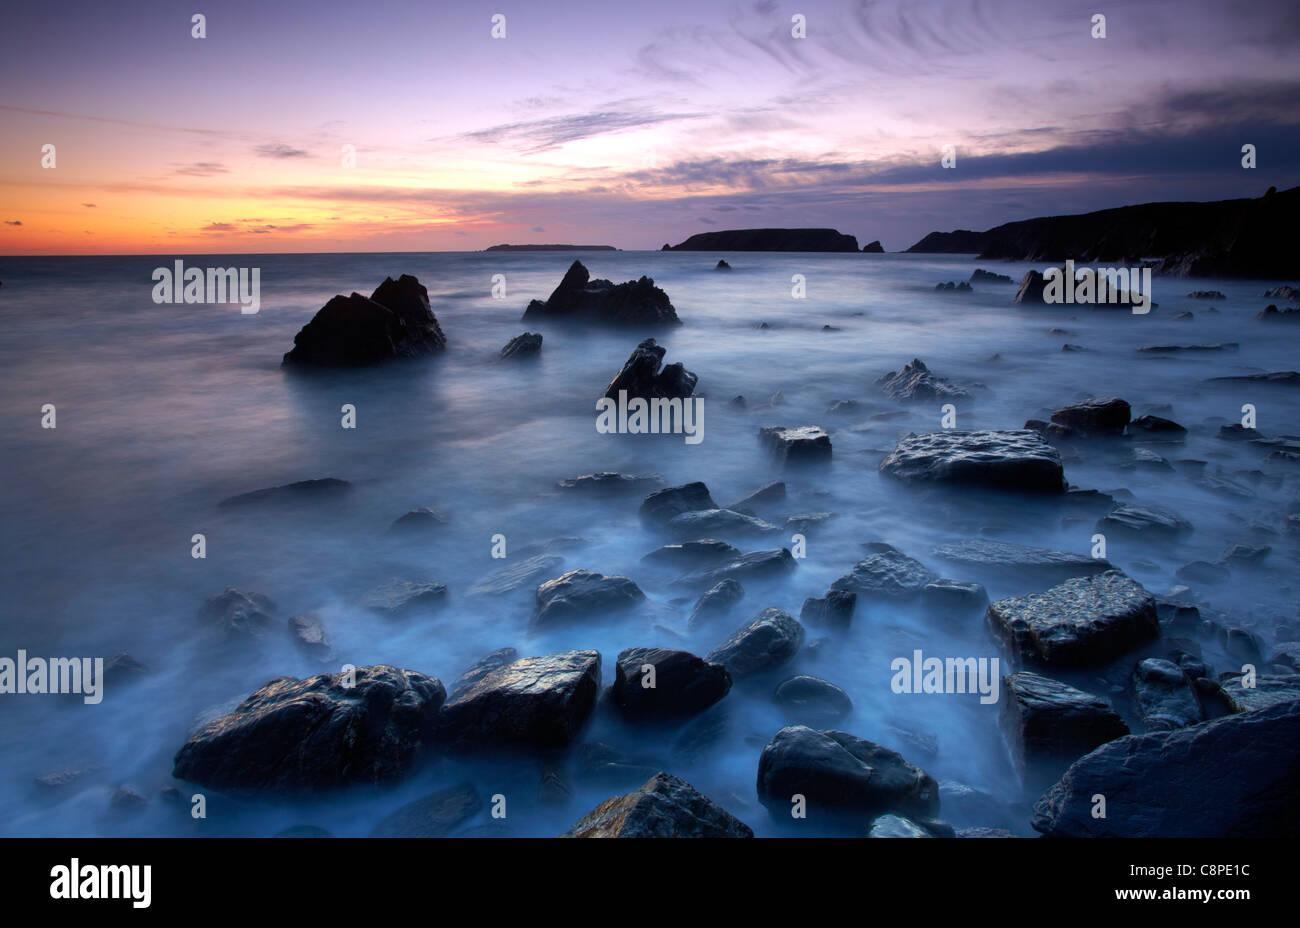 Crepuscolo presso Marloes, guardando verso Gateholm e isole Skokholm, Pembrokeshire, West Wales. Immagini Stock